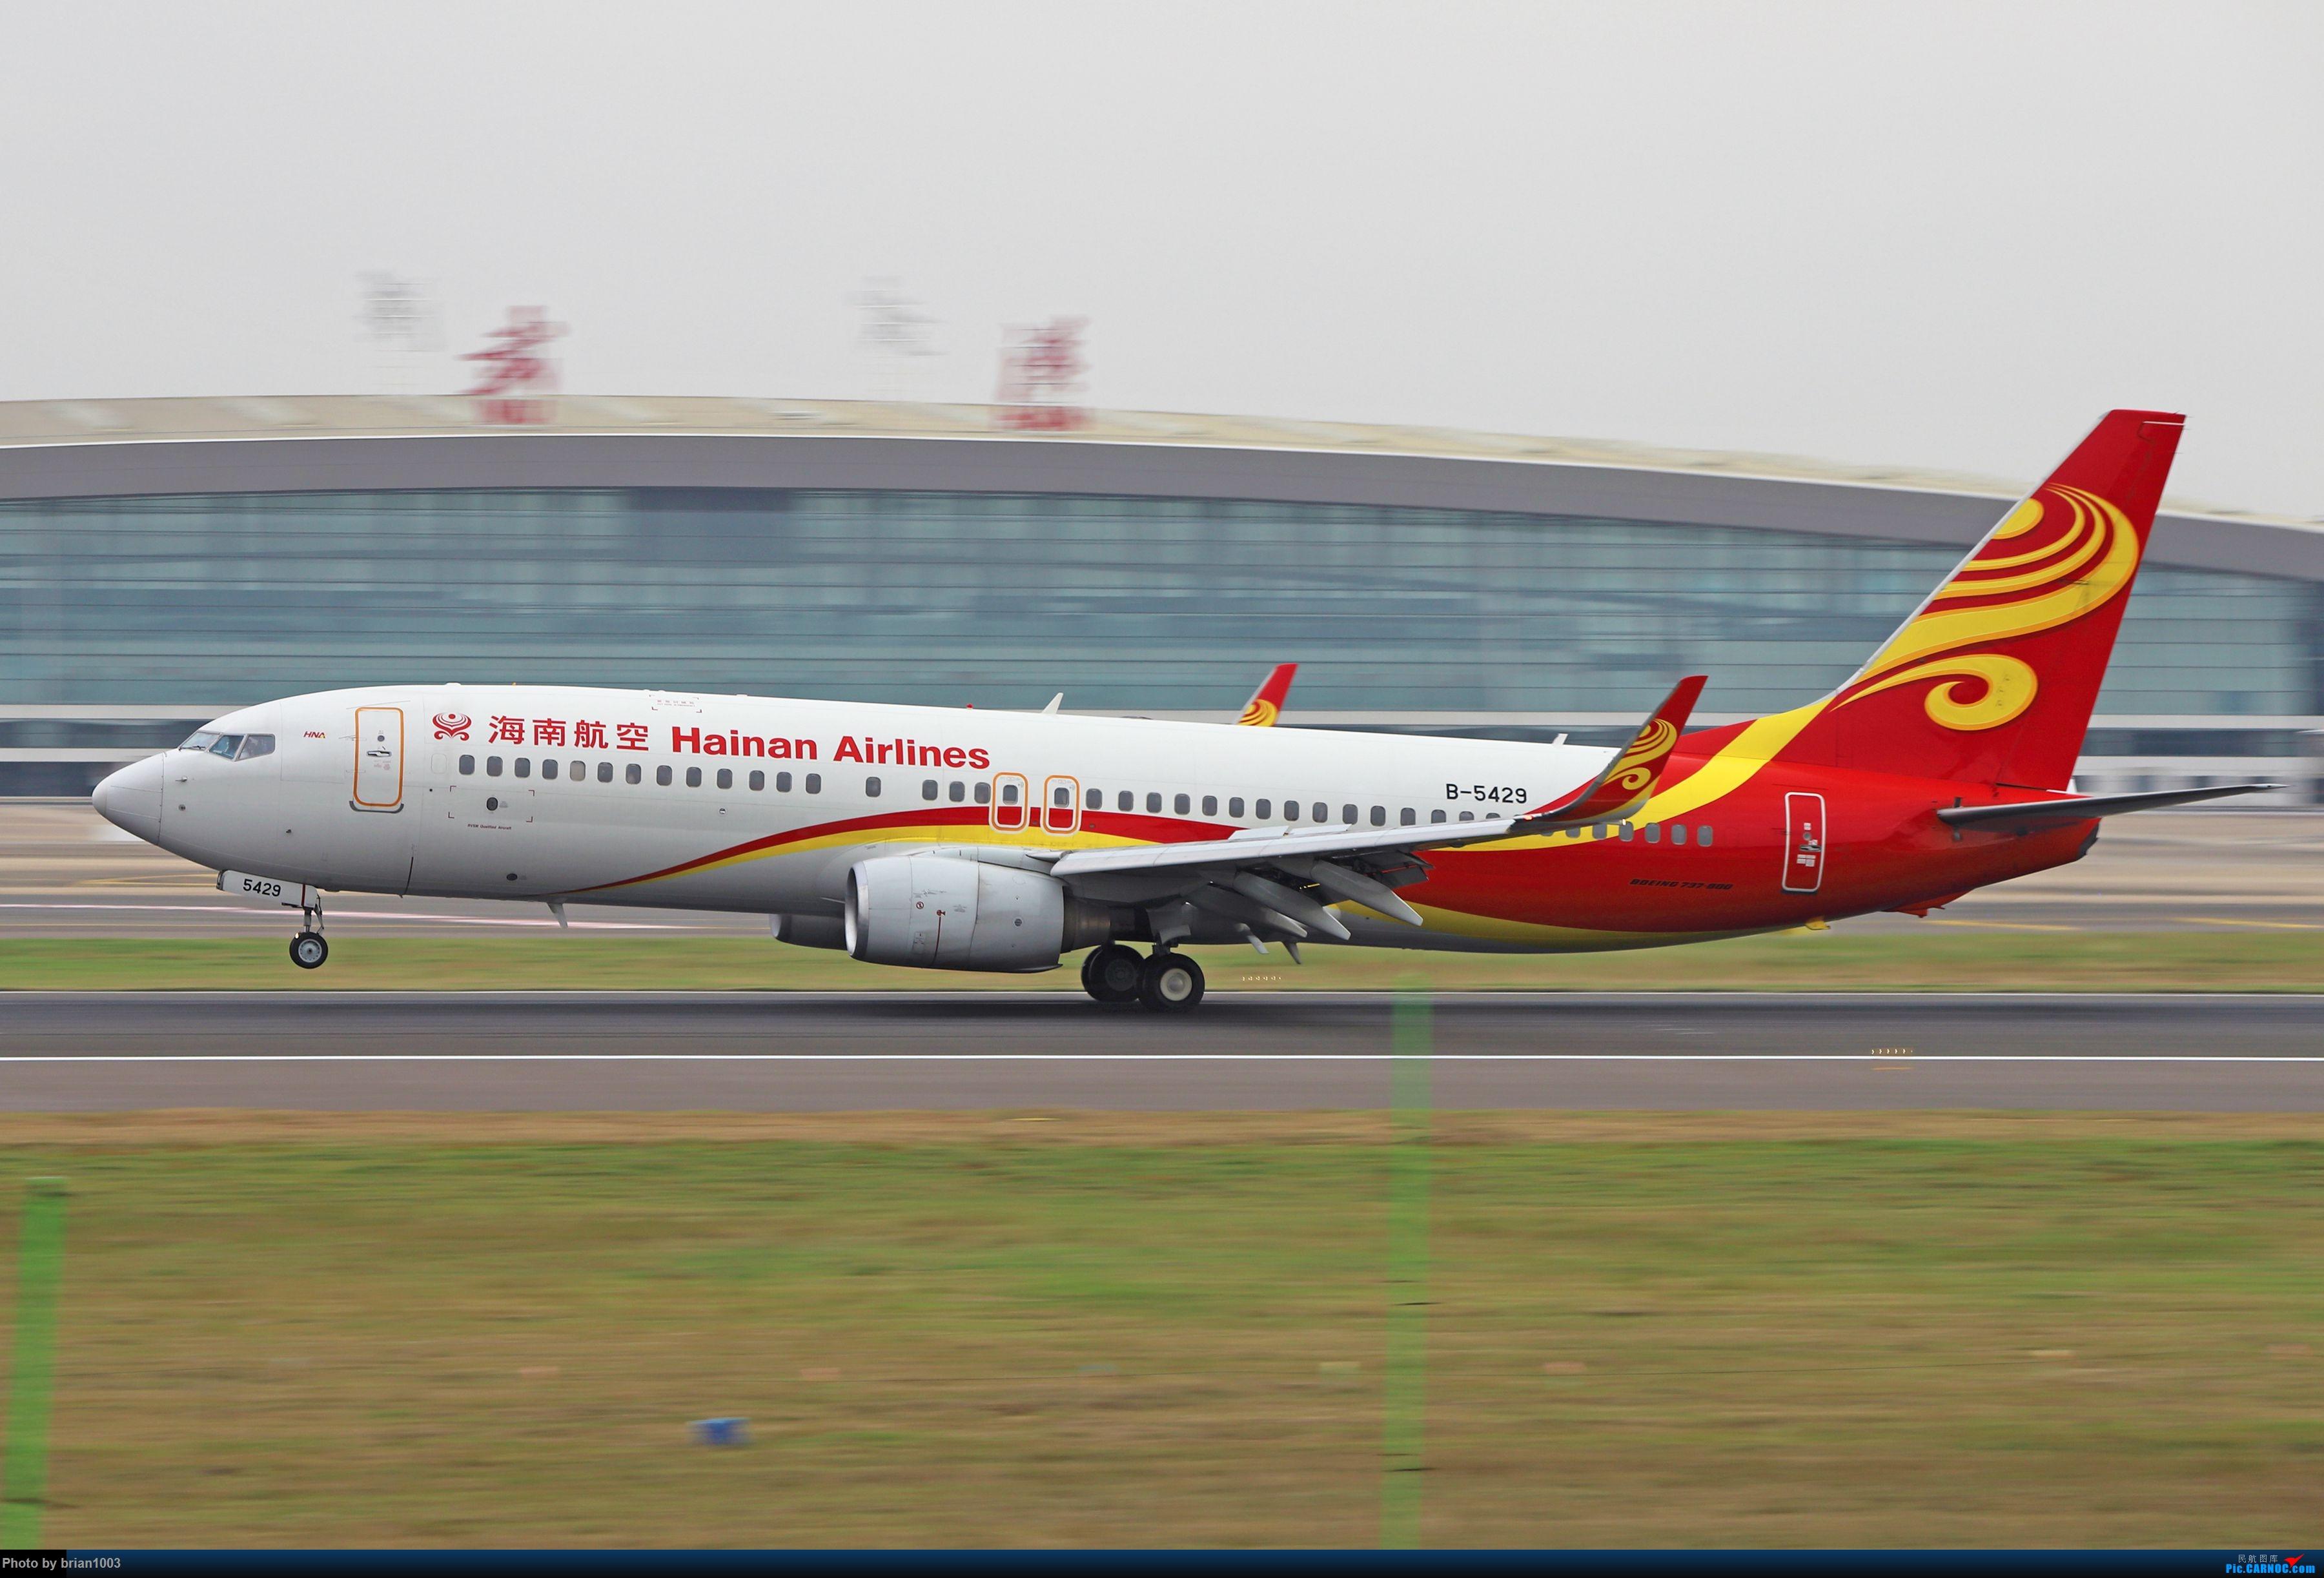 [原创]WUH天河机场拍机之十一月(菲律宾皇家航空A319) BOEING 737-800 B-5429 中国武汉天河国际机场